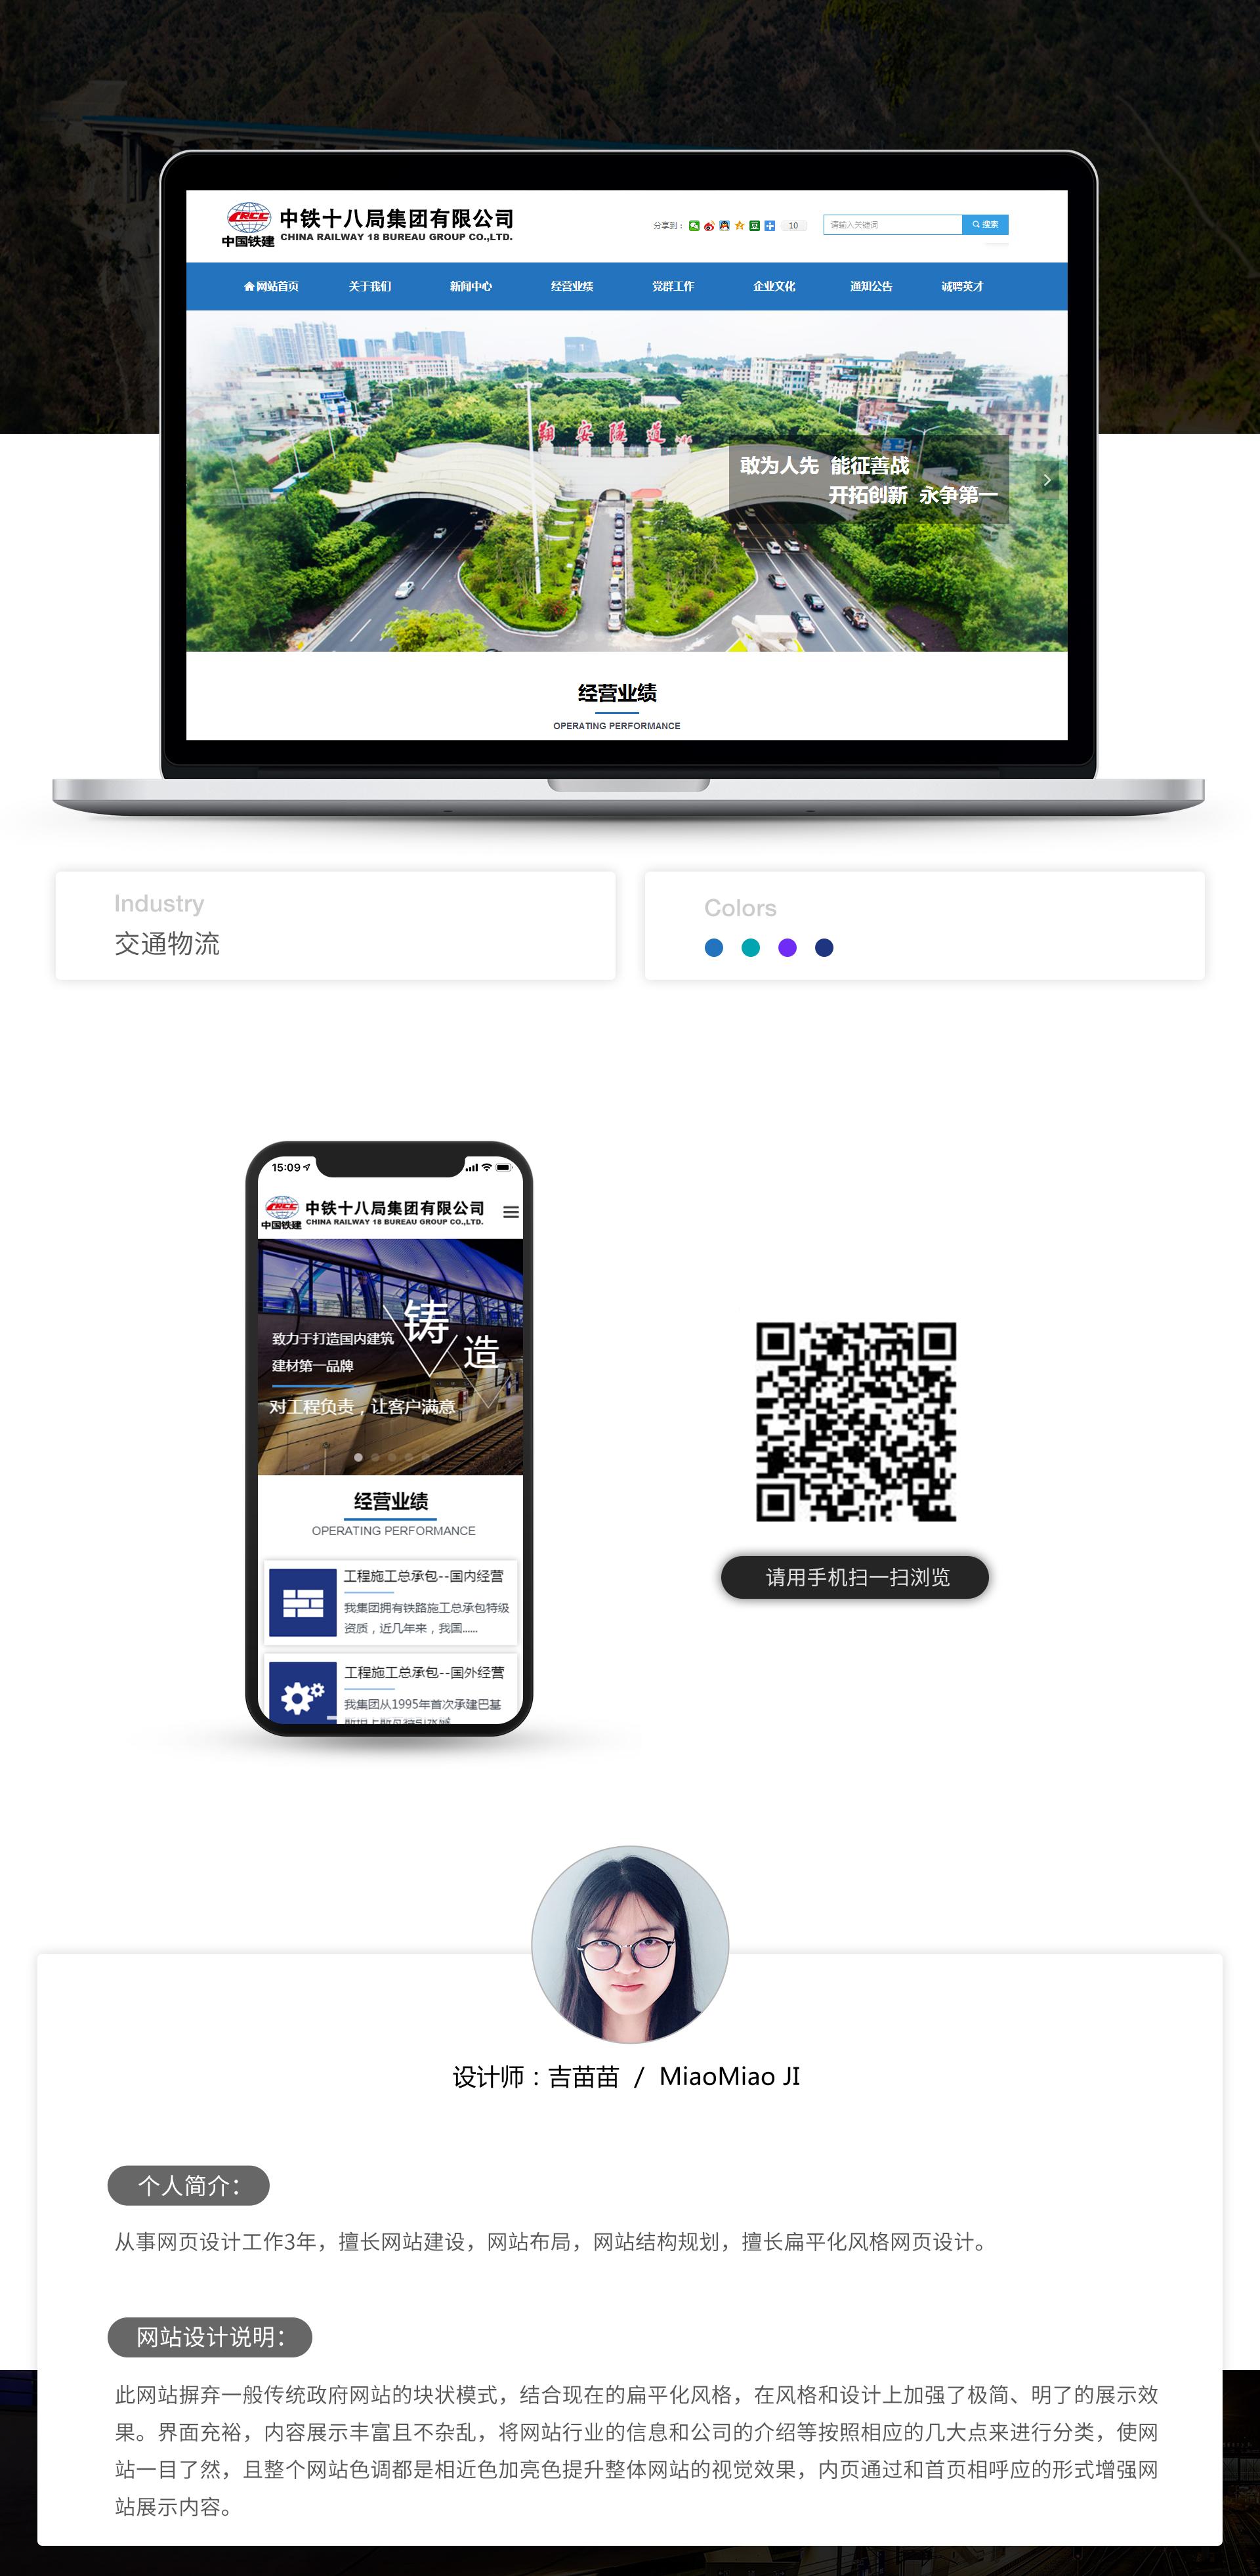 中铁18局-吉苗苗——中铁18局内页_01